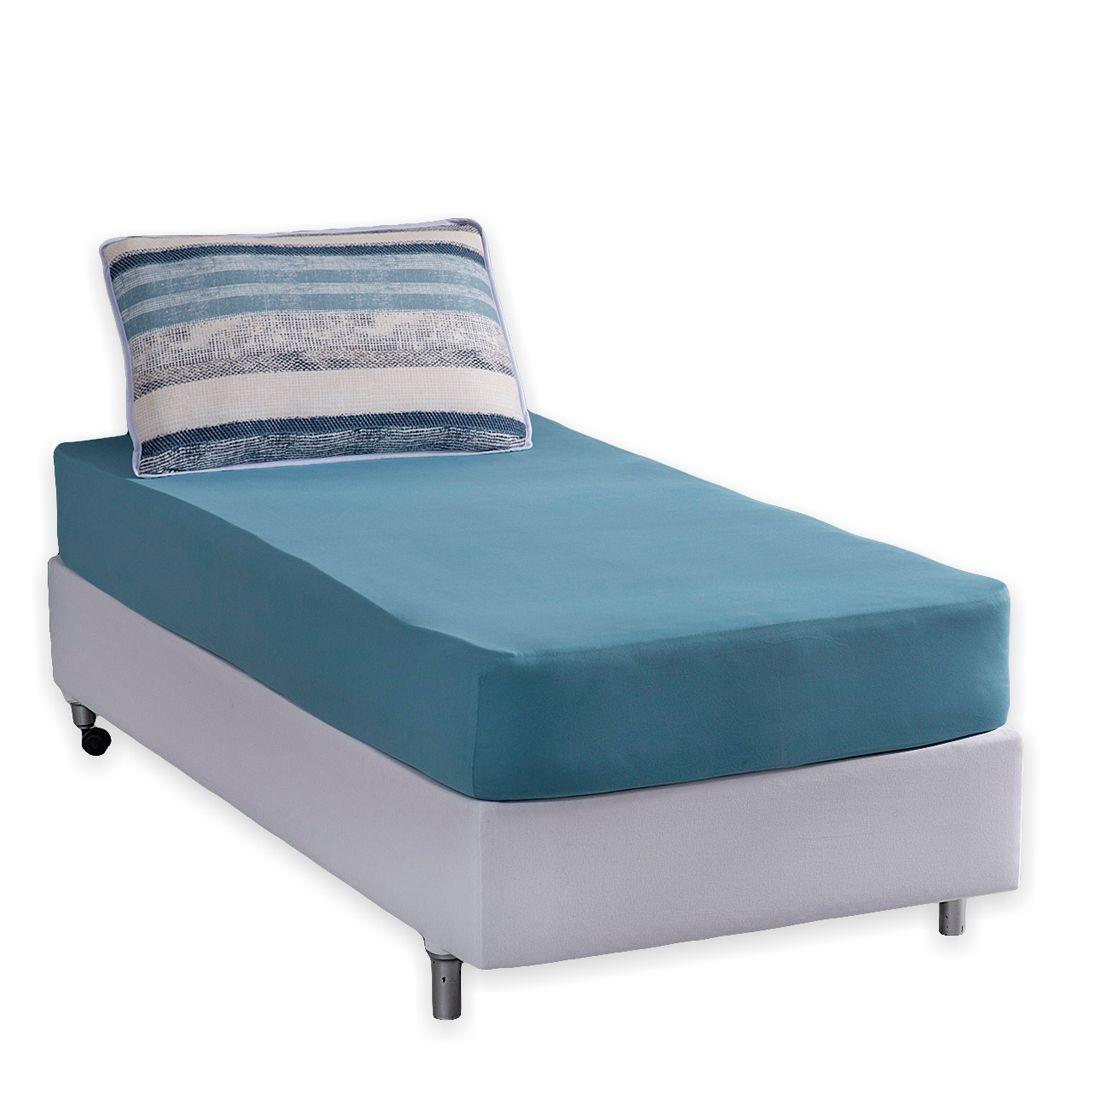 Jogo de Cama Helsinque Azul Ártico Malha Solteiro 02 Peças - 100% Algodão